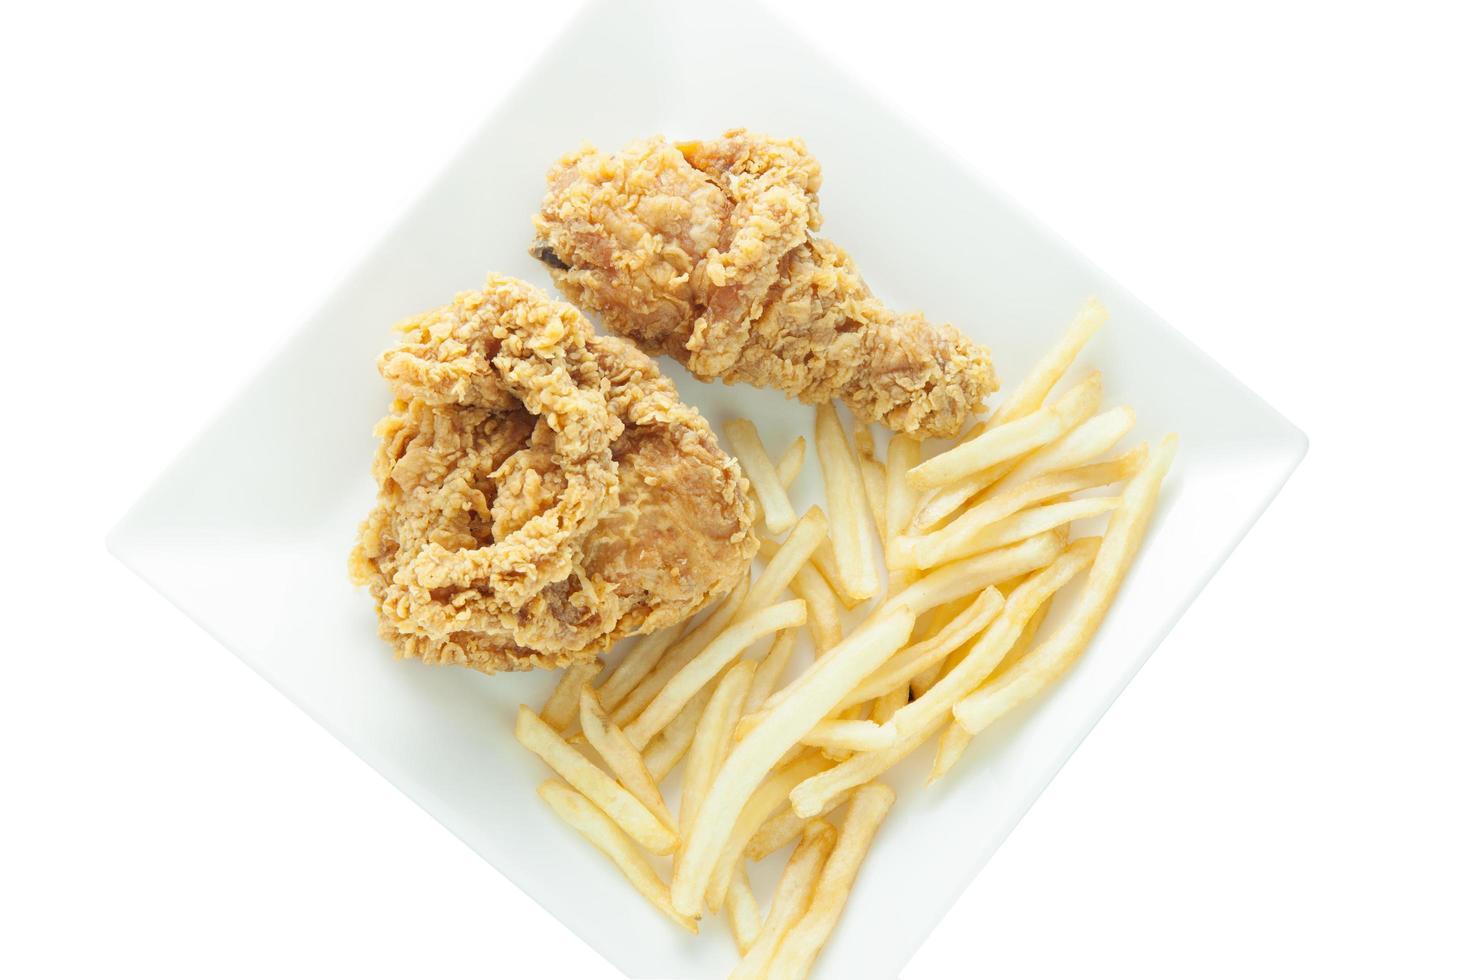 gebakken kip en frietjes foto